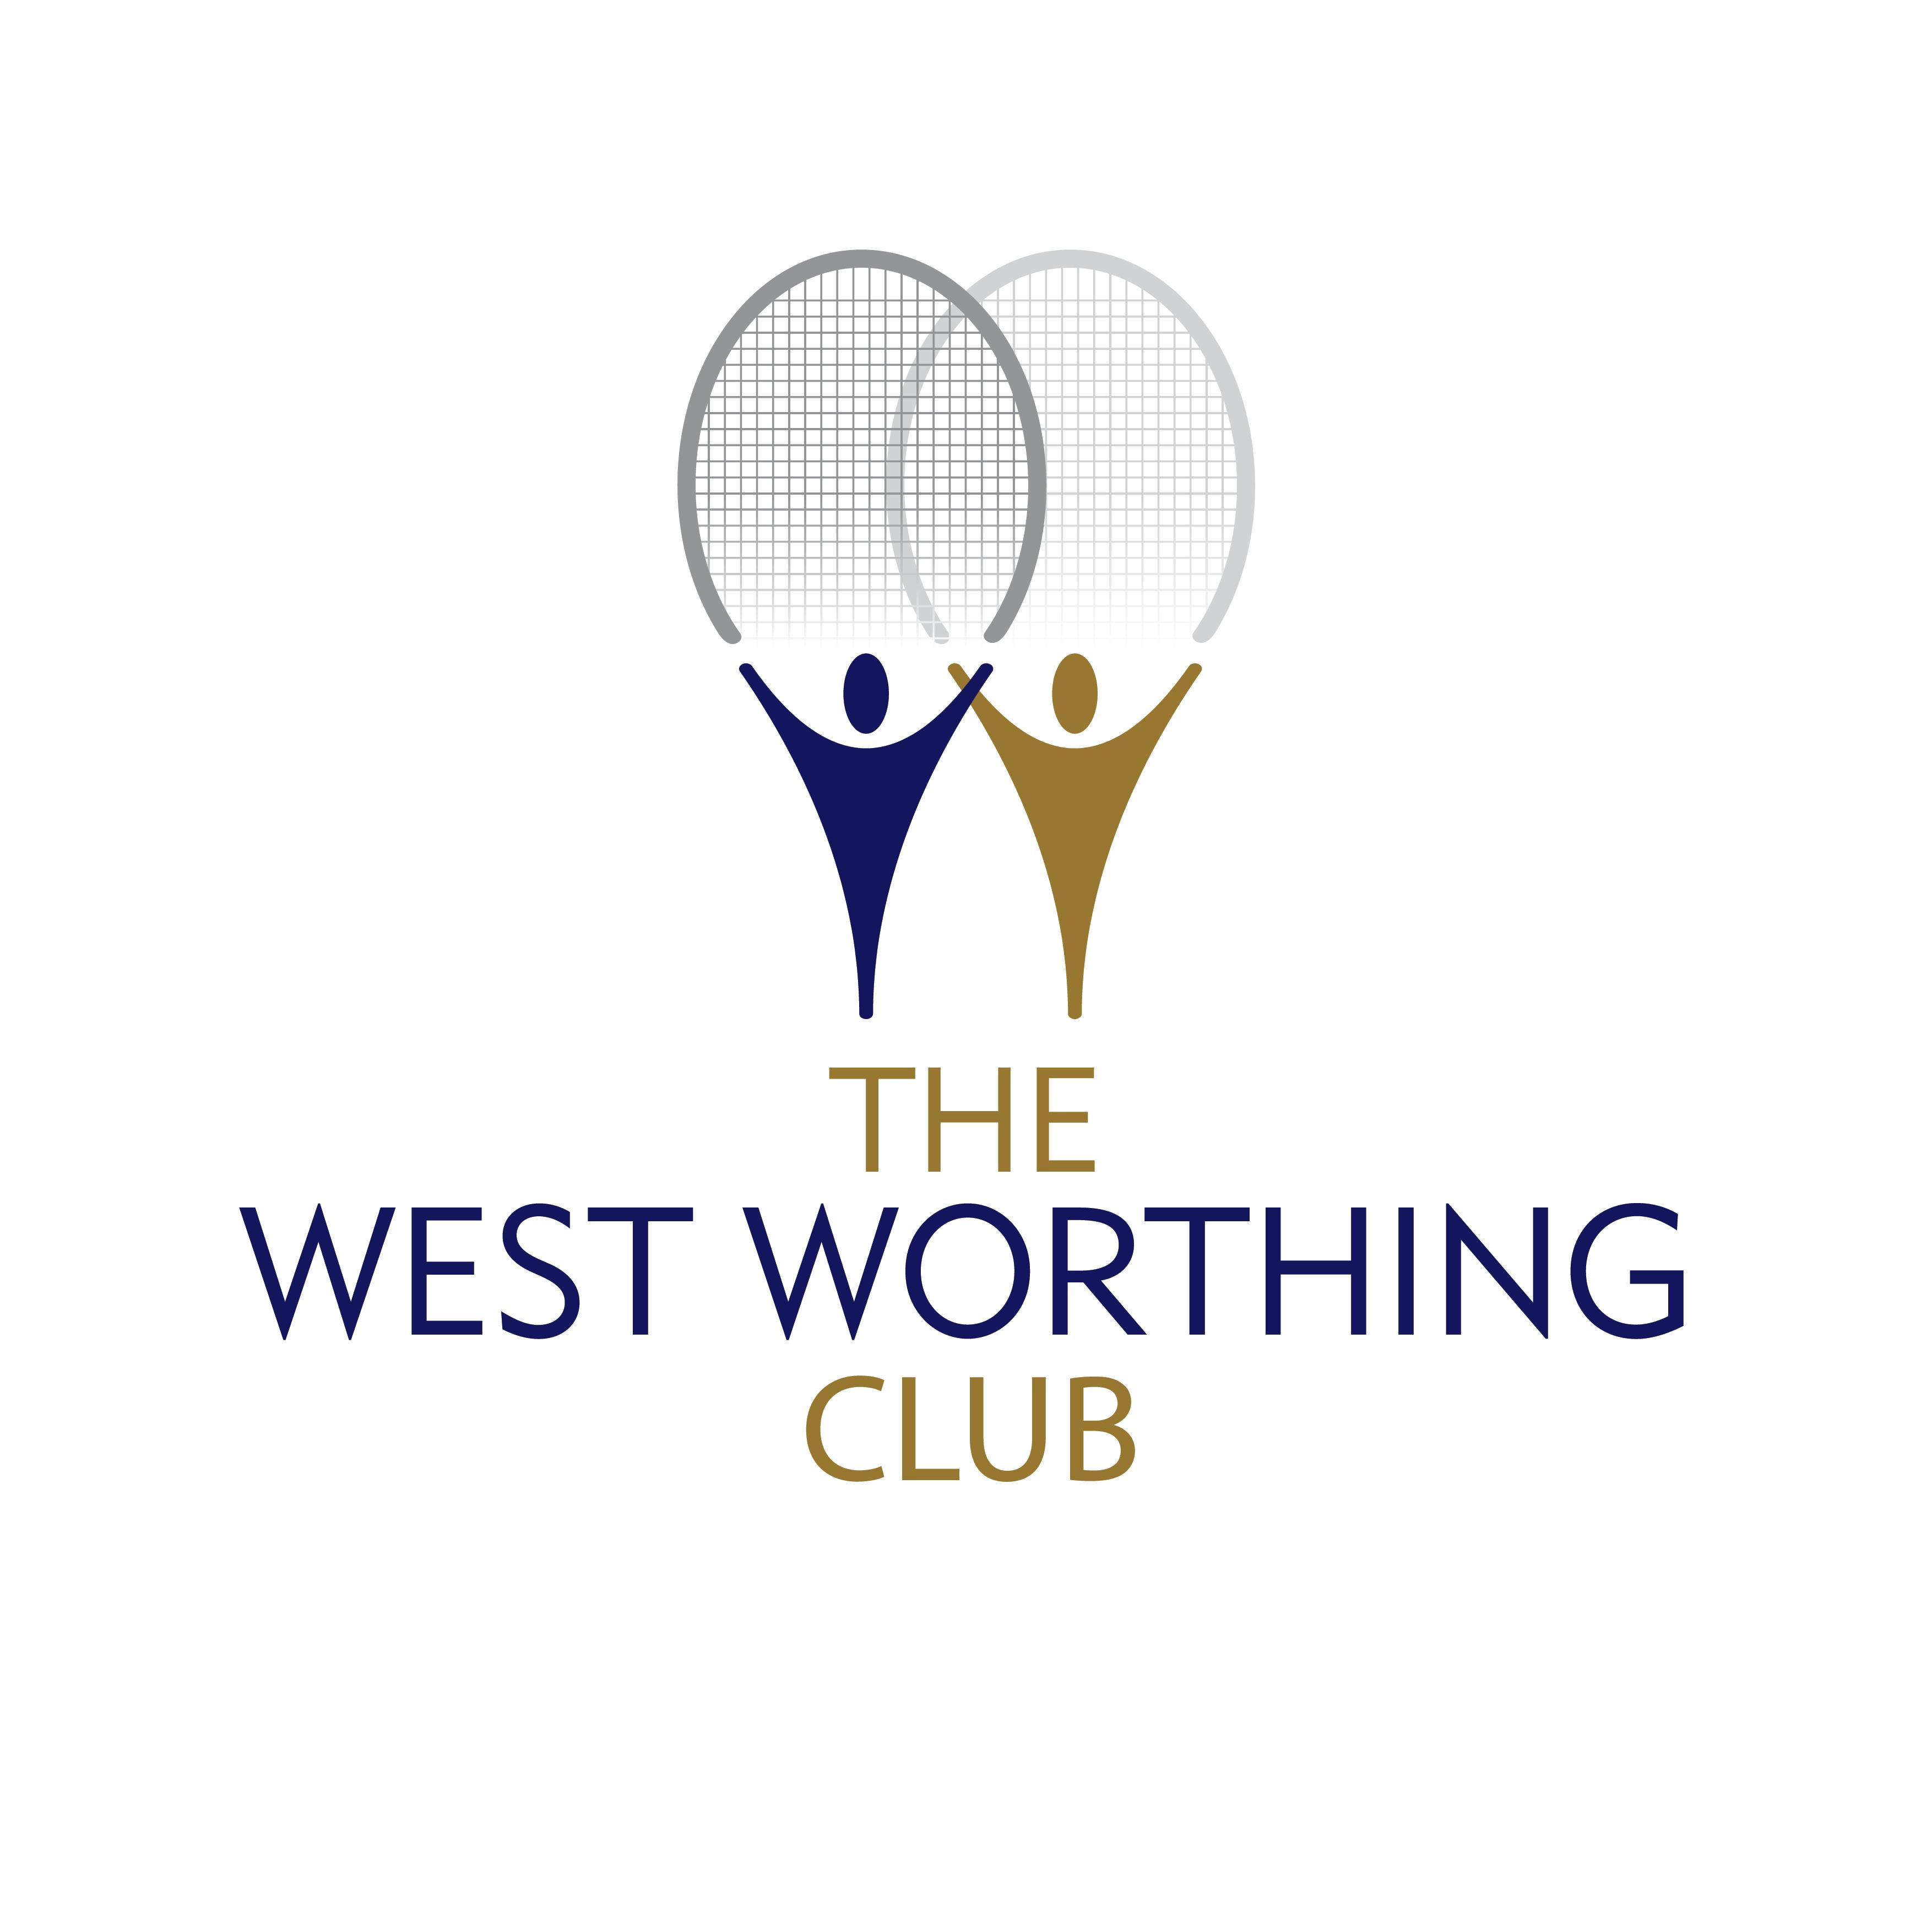 West Worthing Club